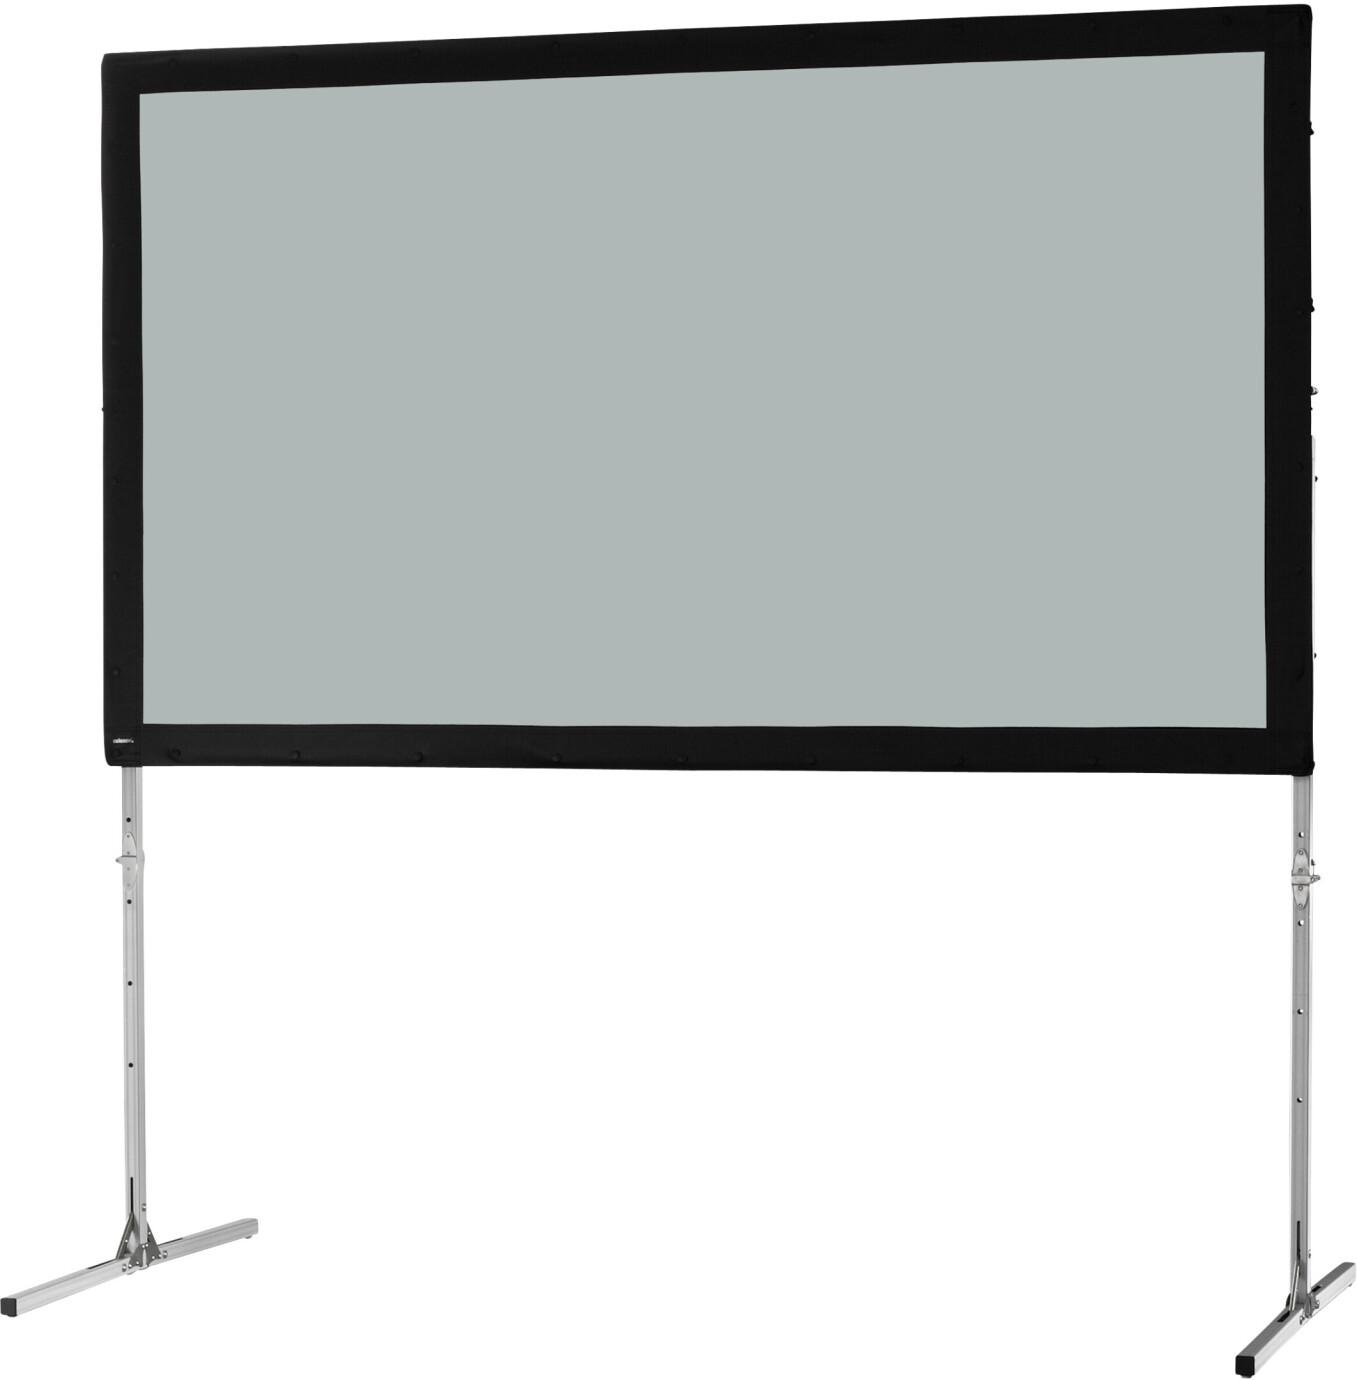 celexon Faltrahmen Leinwand Mobil Expert 203 x 114cm, Rückprojektion